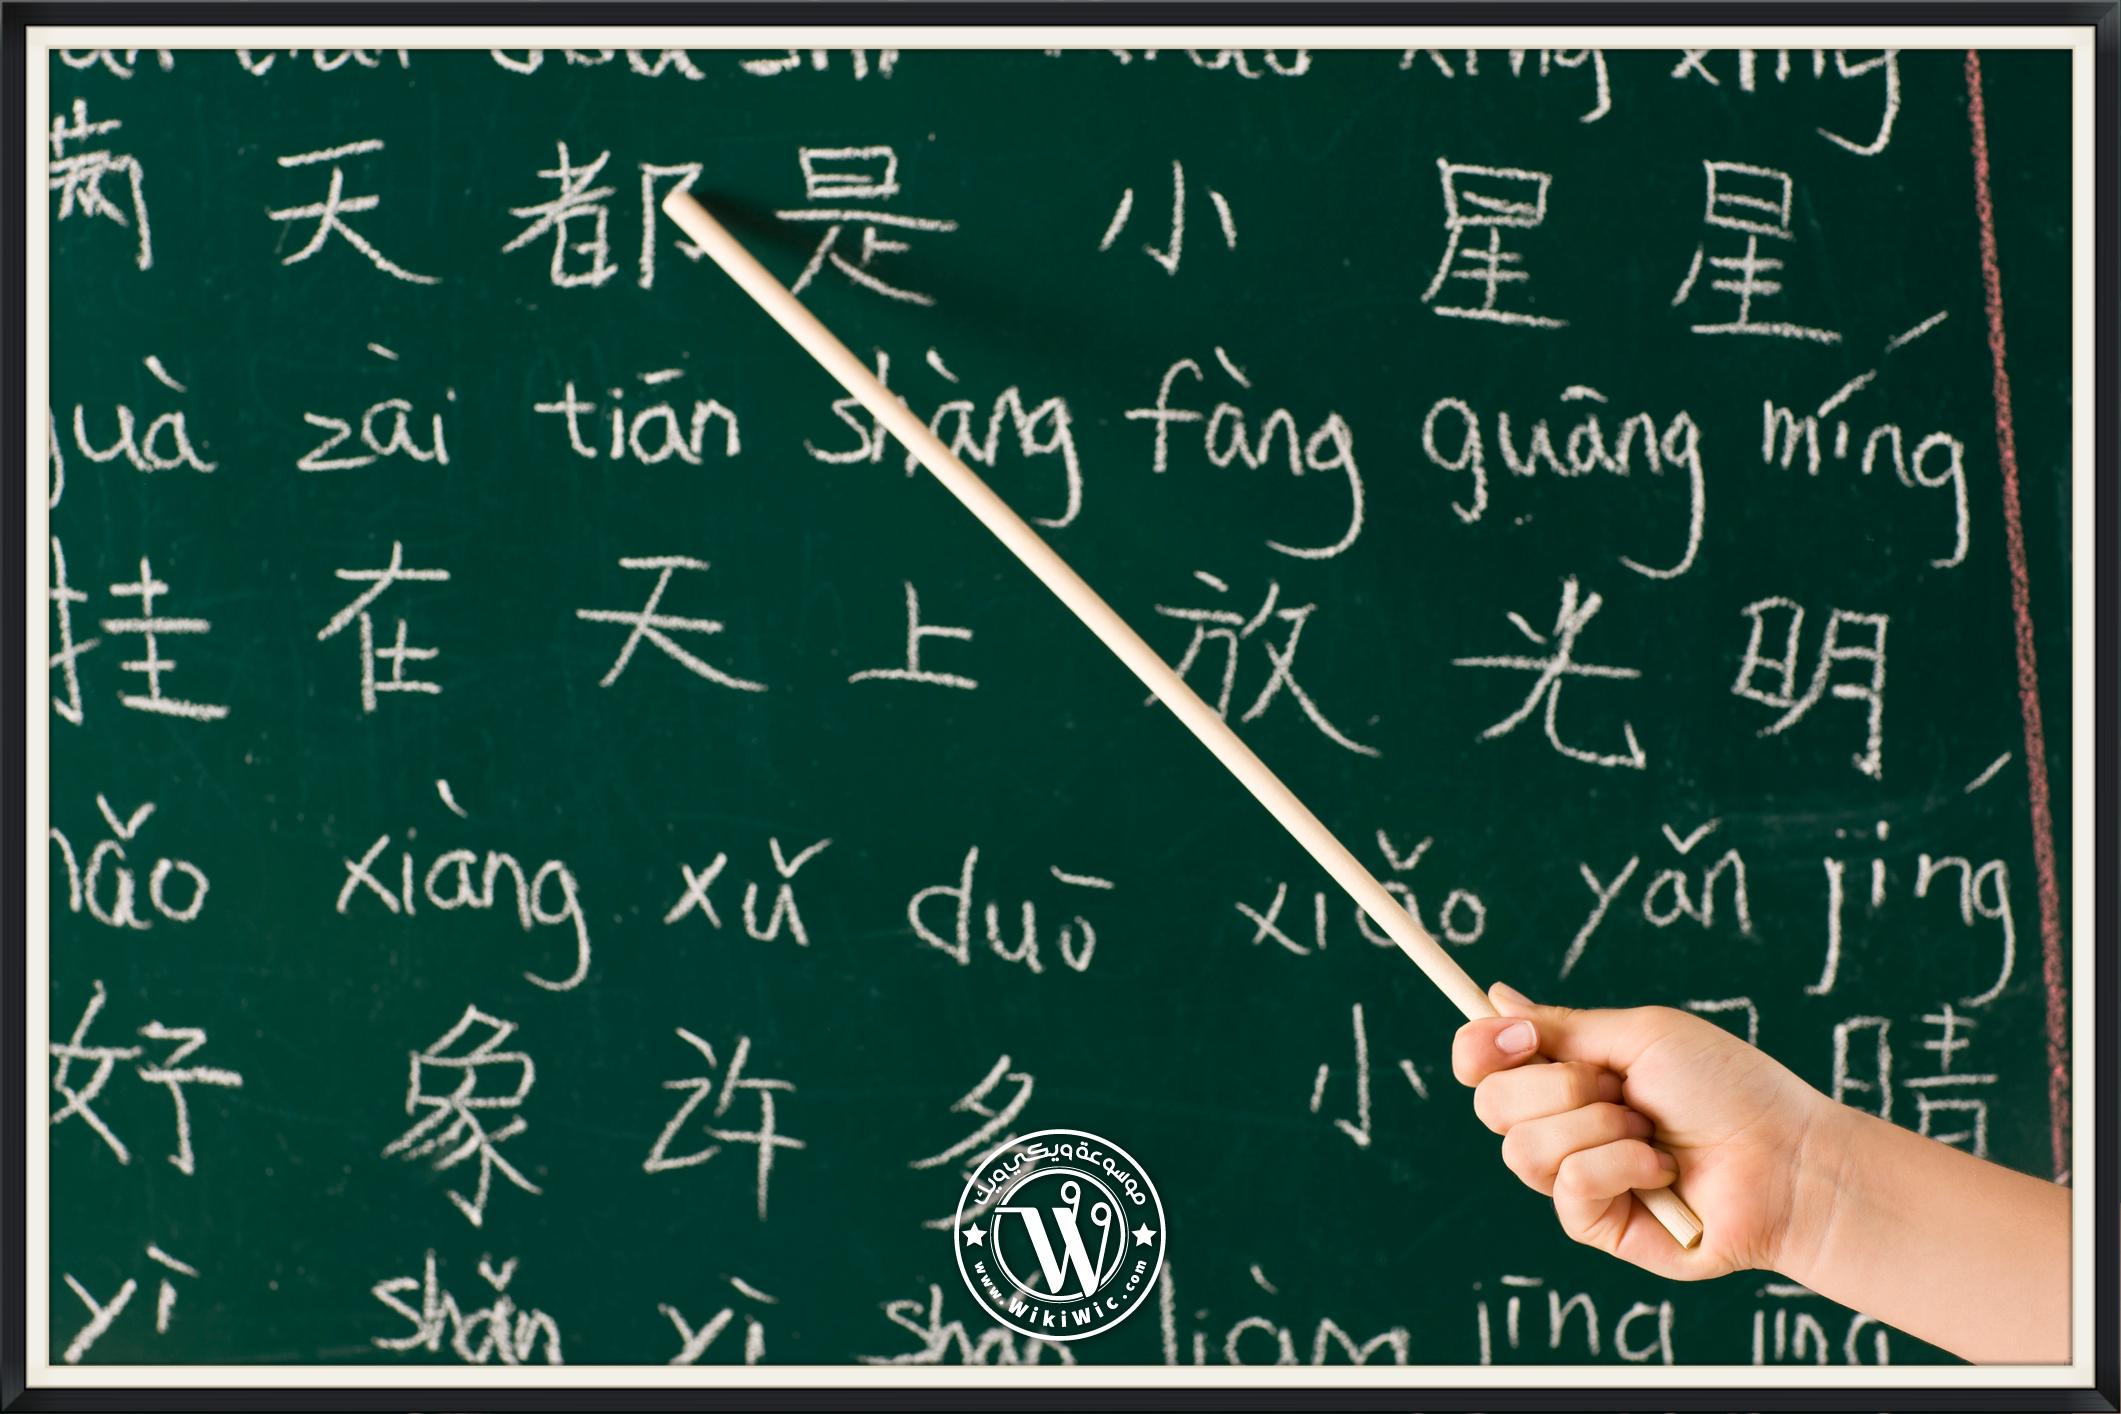 هيأ مؤقت اسم اللغة الصينية الماندرين Dsvdedommel Com